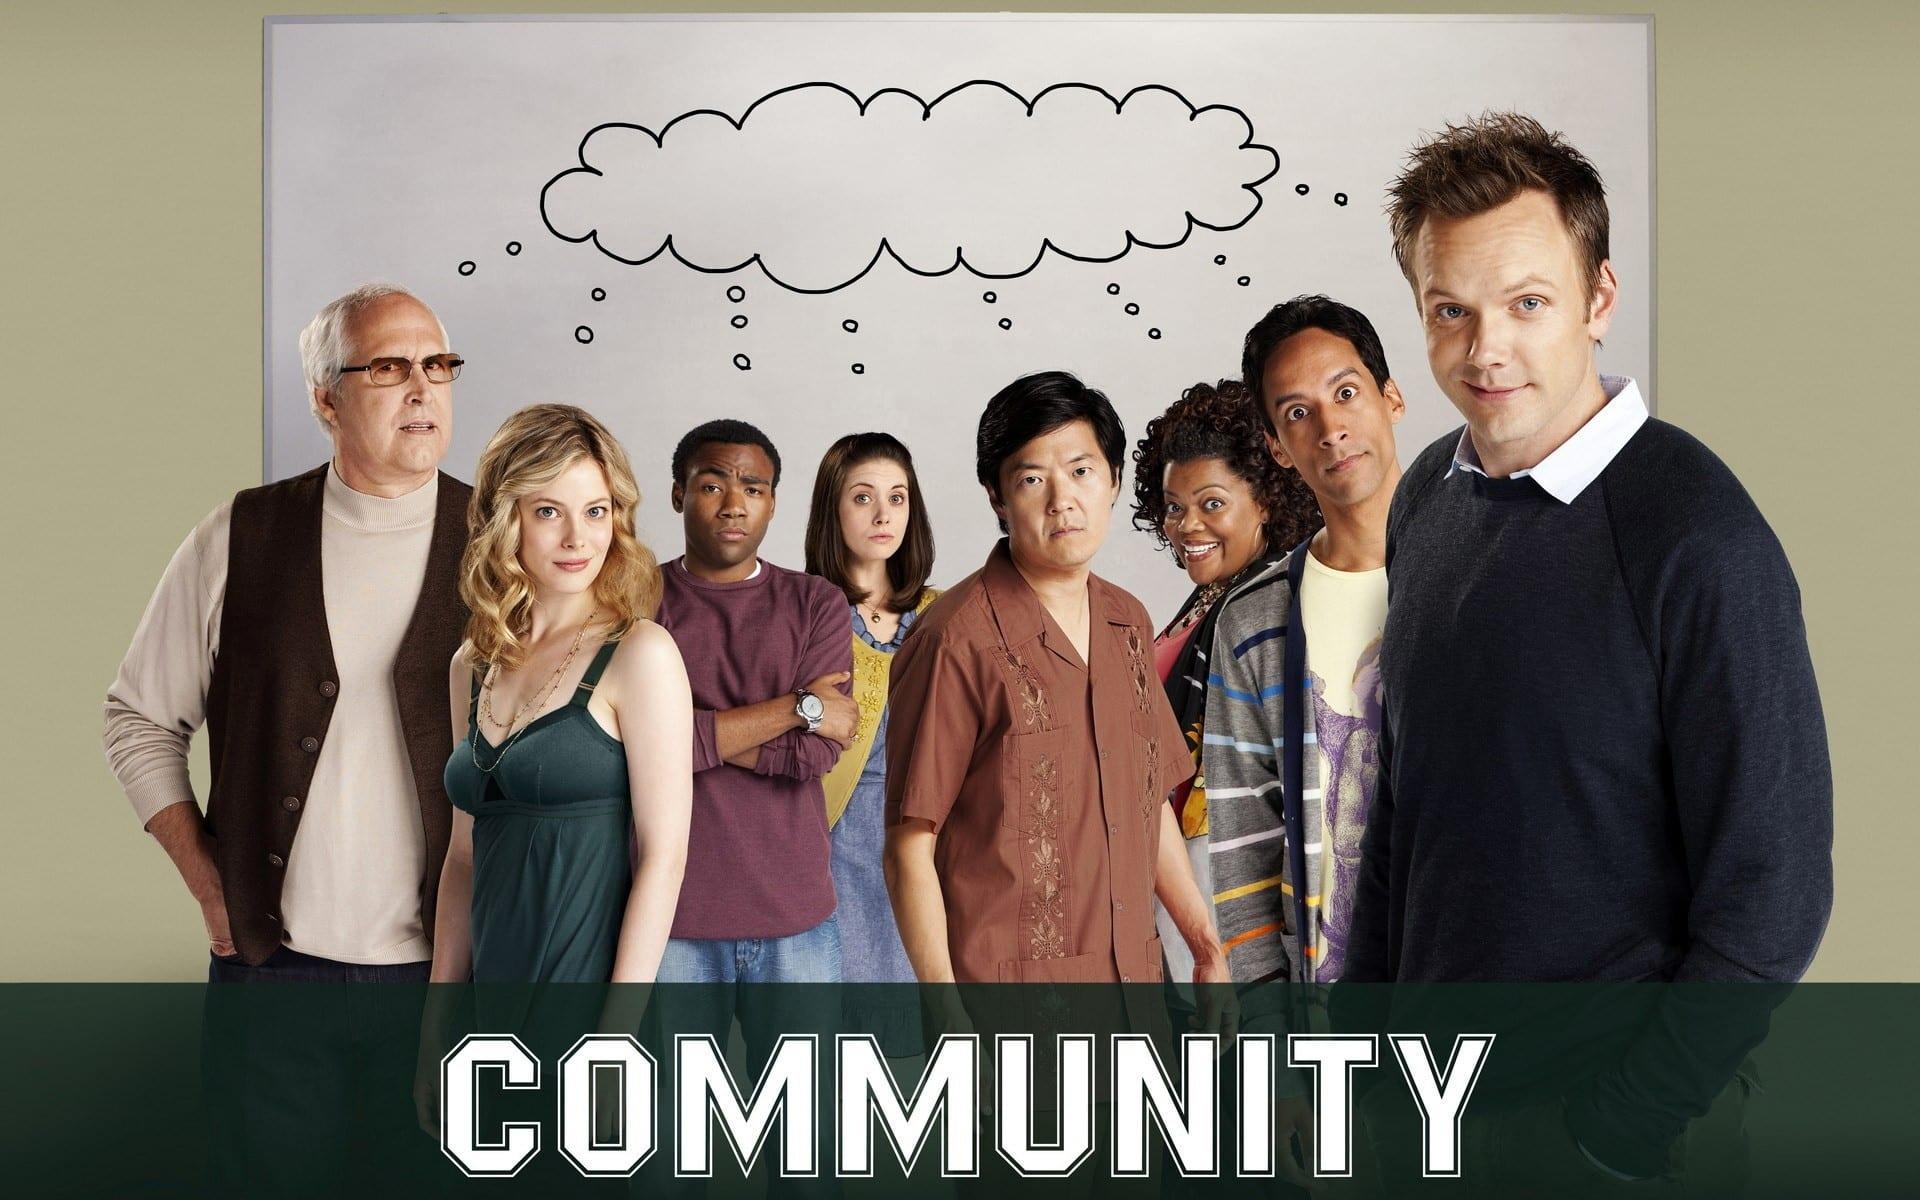 Parte del elenco de Community en el inicio de producción para Yahoo. Yahoo y YahooTV nos presentan un nuevo poster de Community donde podemos ver al elenco completo. Community regresará para una 6ta temporada en Yahoo, con Dan Harmon, creador del show regresará junto a Chris McKenna como productores ejecutivos, mientras que en el elenco, Joel McHale, Alison Brie, Gillian Jacobs, Jim Rash, Danny Pudi y Ken Jeong.